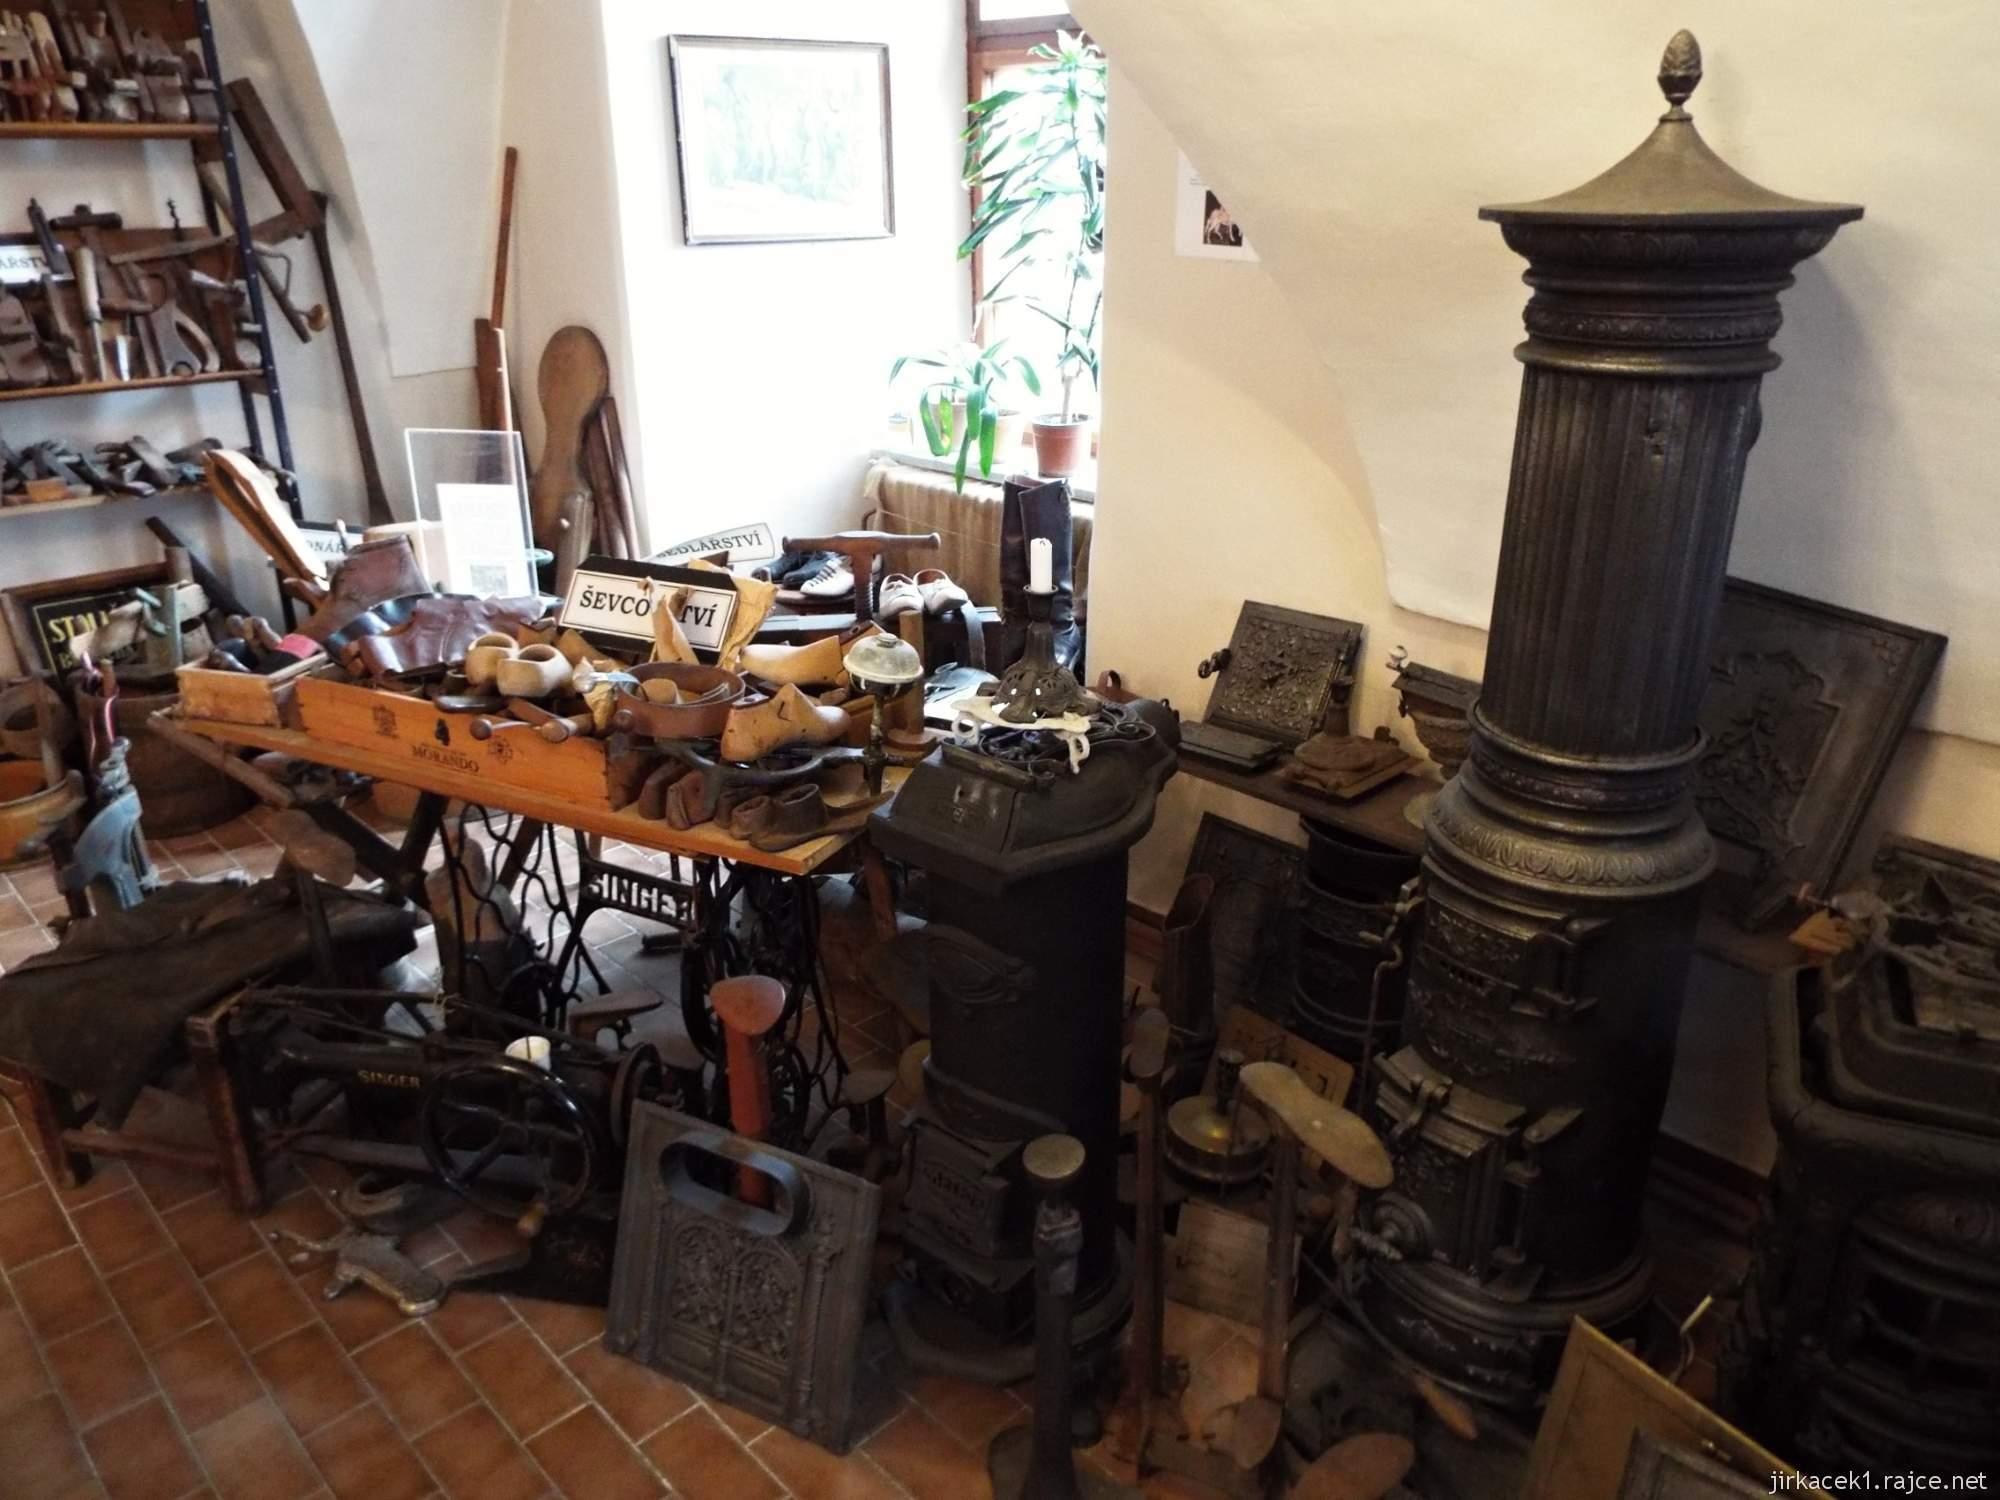 zámek Konice - muzeum řemesel v 1.místnosti - expozice kamnářství a ševcovství